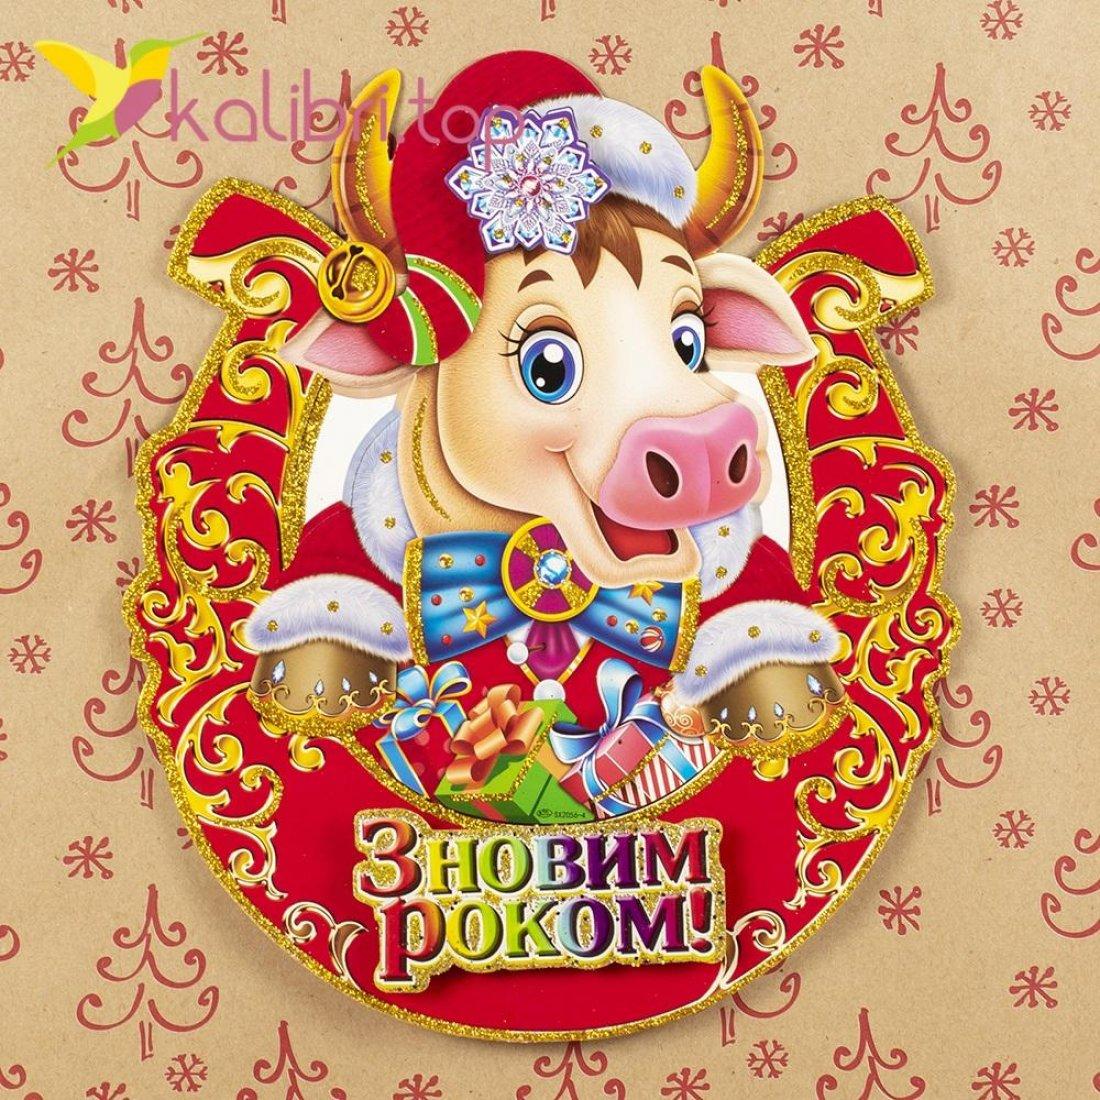 Новогодняя наклейка символ року З Новим Роком 36 см оптом фото 1763